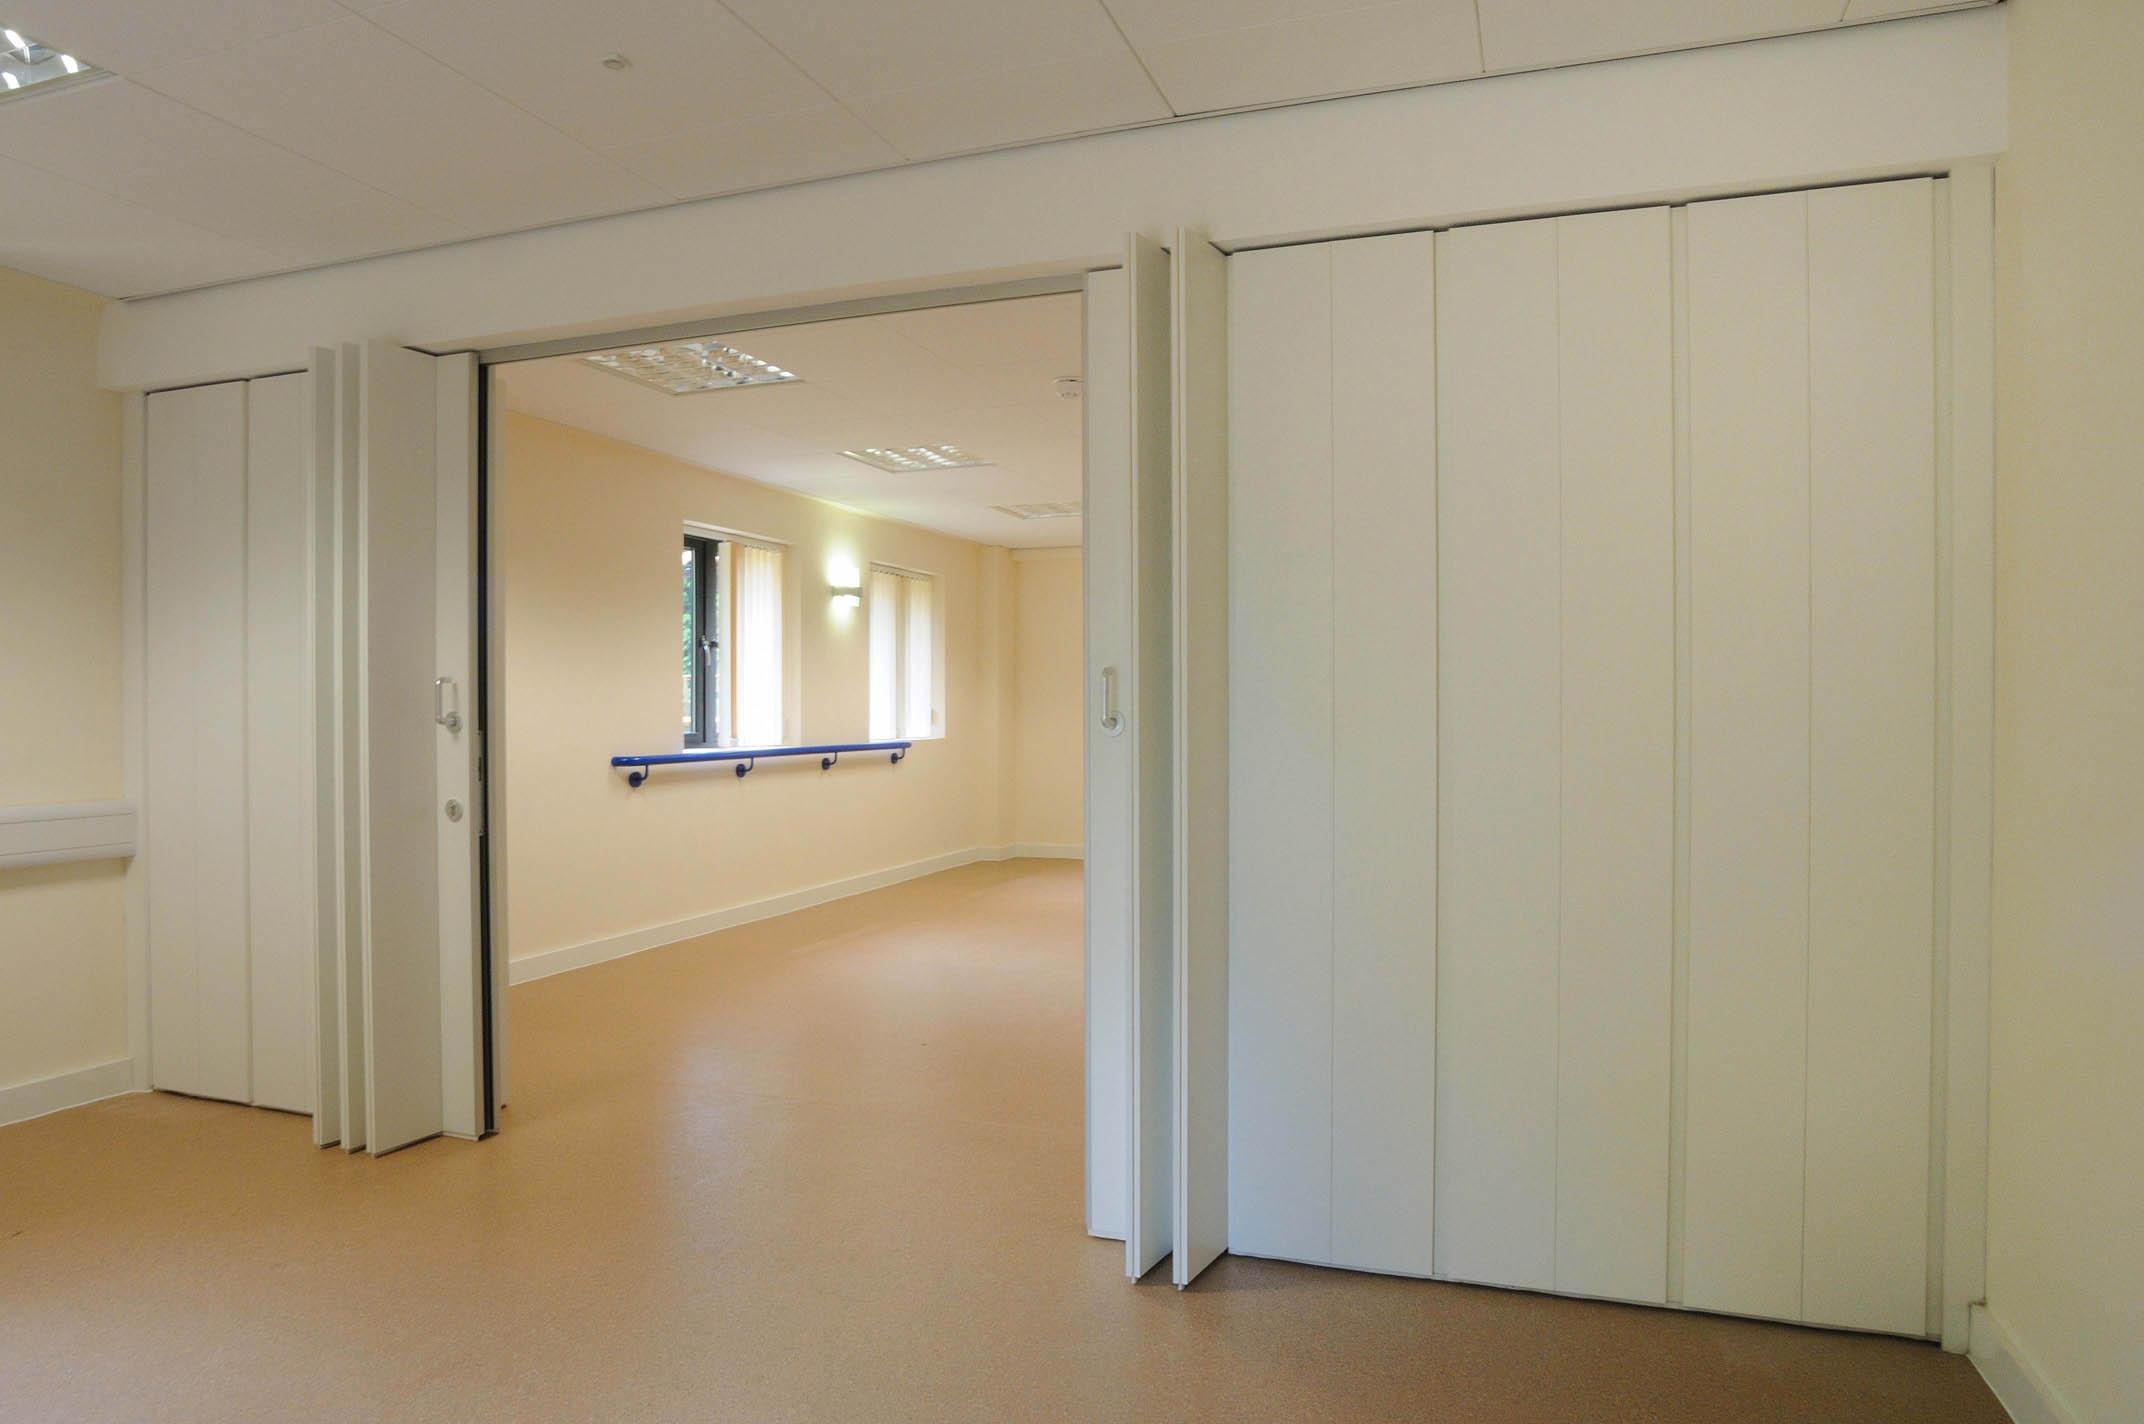 Sliding Door Room Divider Ideas